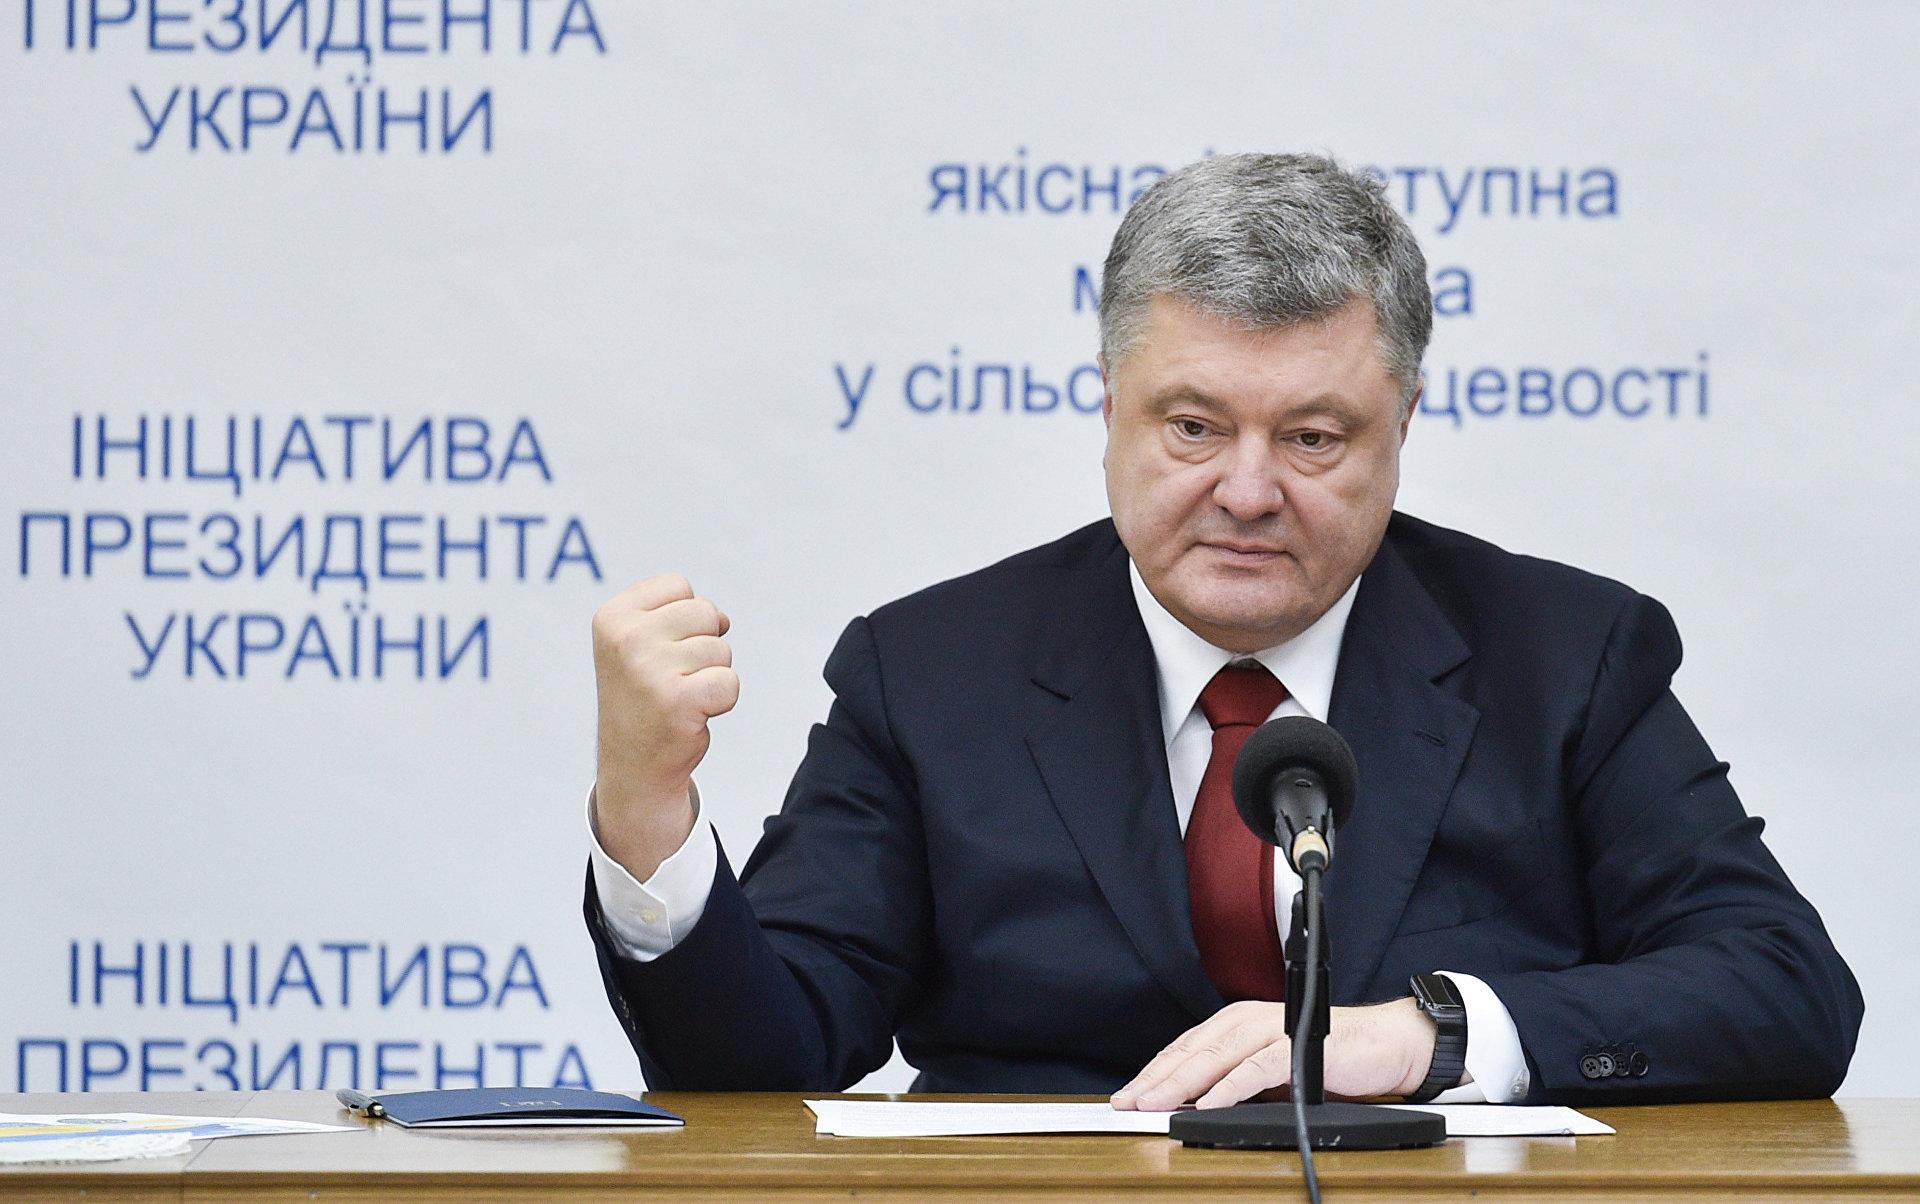 Ближе к выборам Порошенко начал четко разграничивать отвественность свою как президента и других ветвей власти